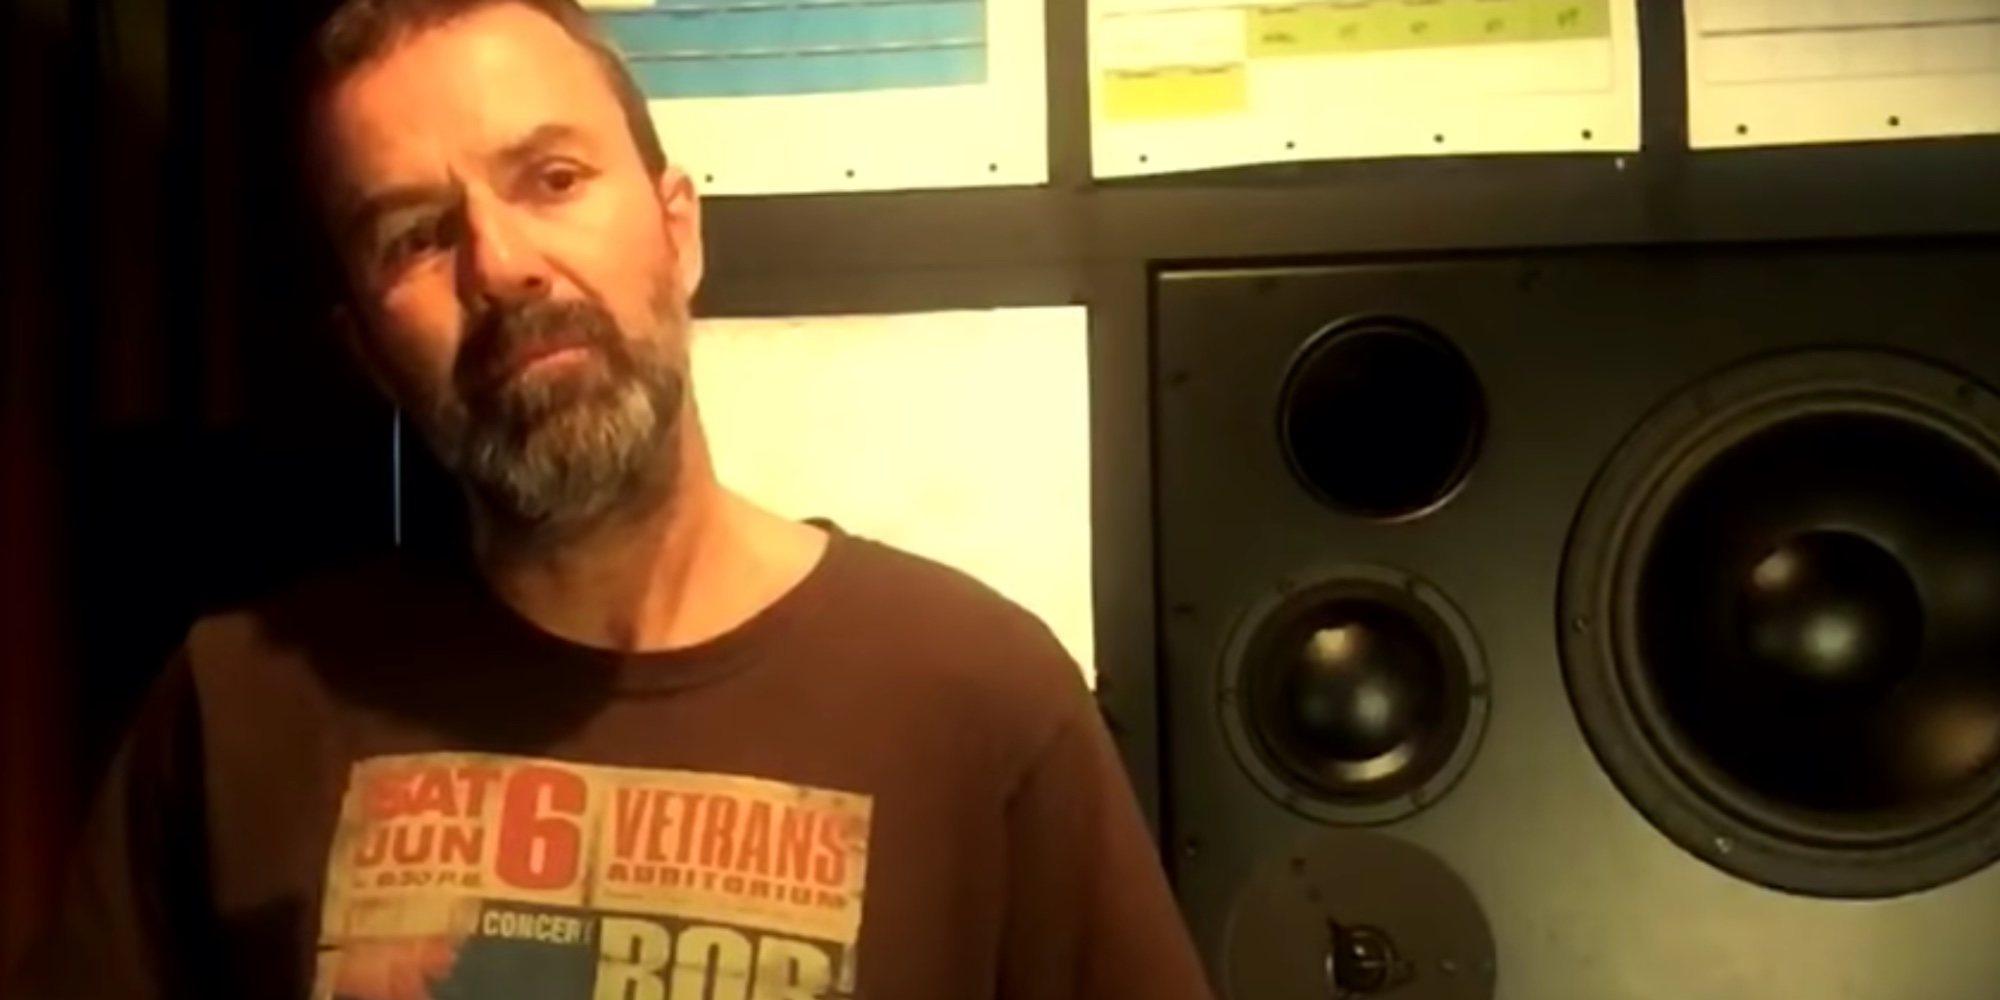 Pau Donés de Jarabe de Palo se despide del mundo de la música con un emotivo vídeo dedicado a sus fans